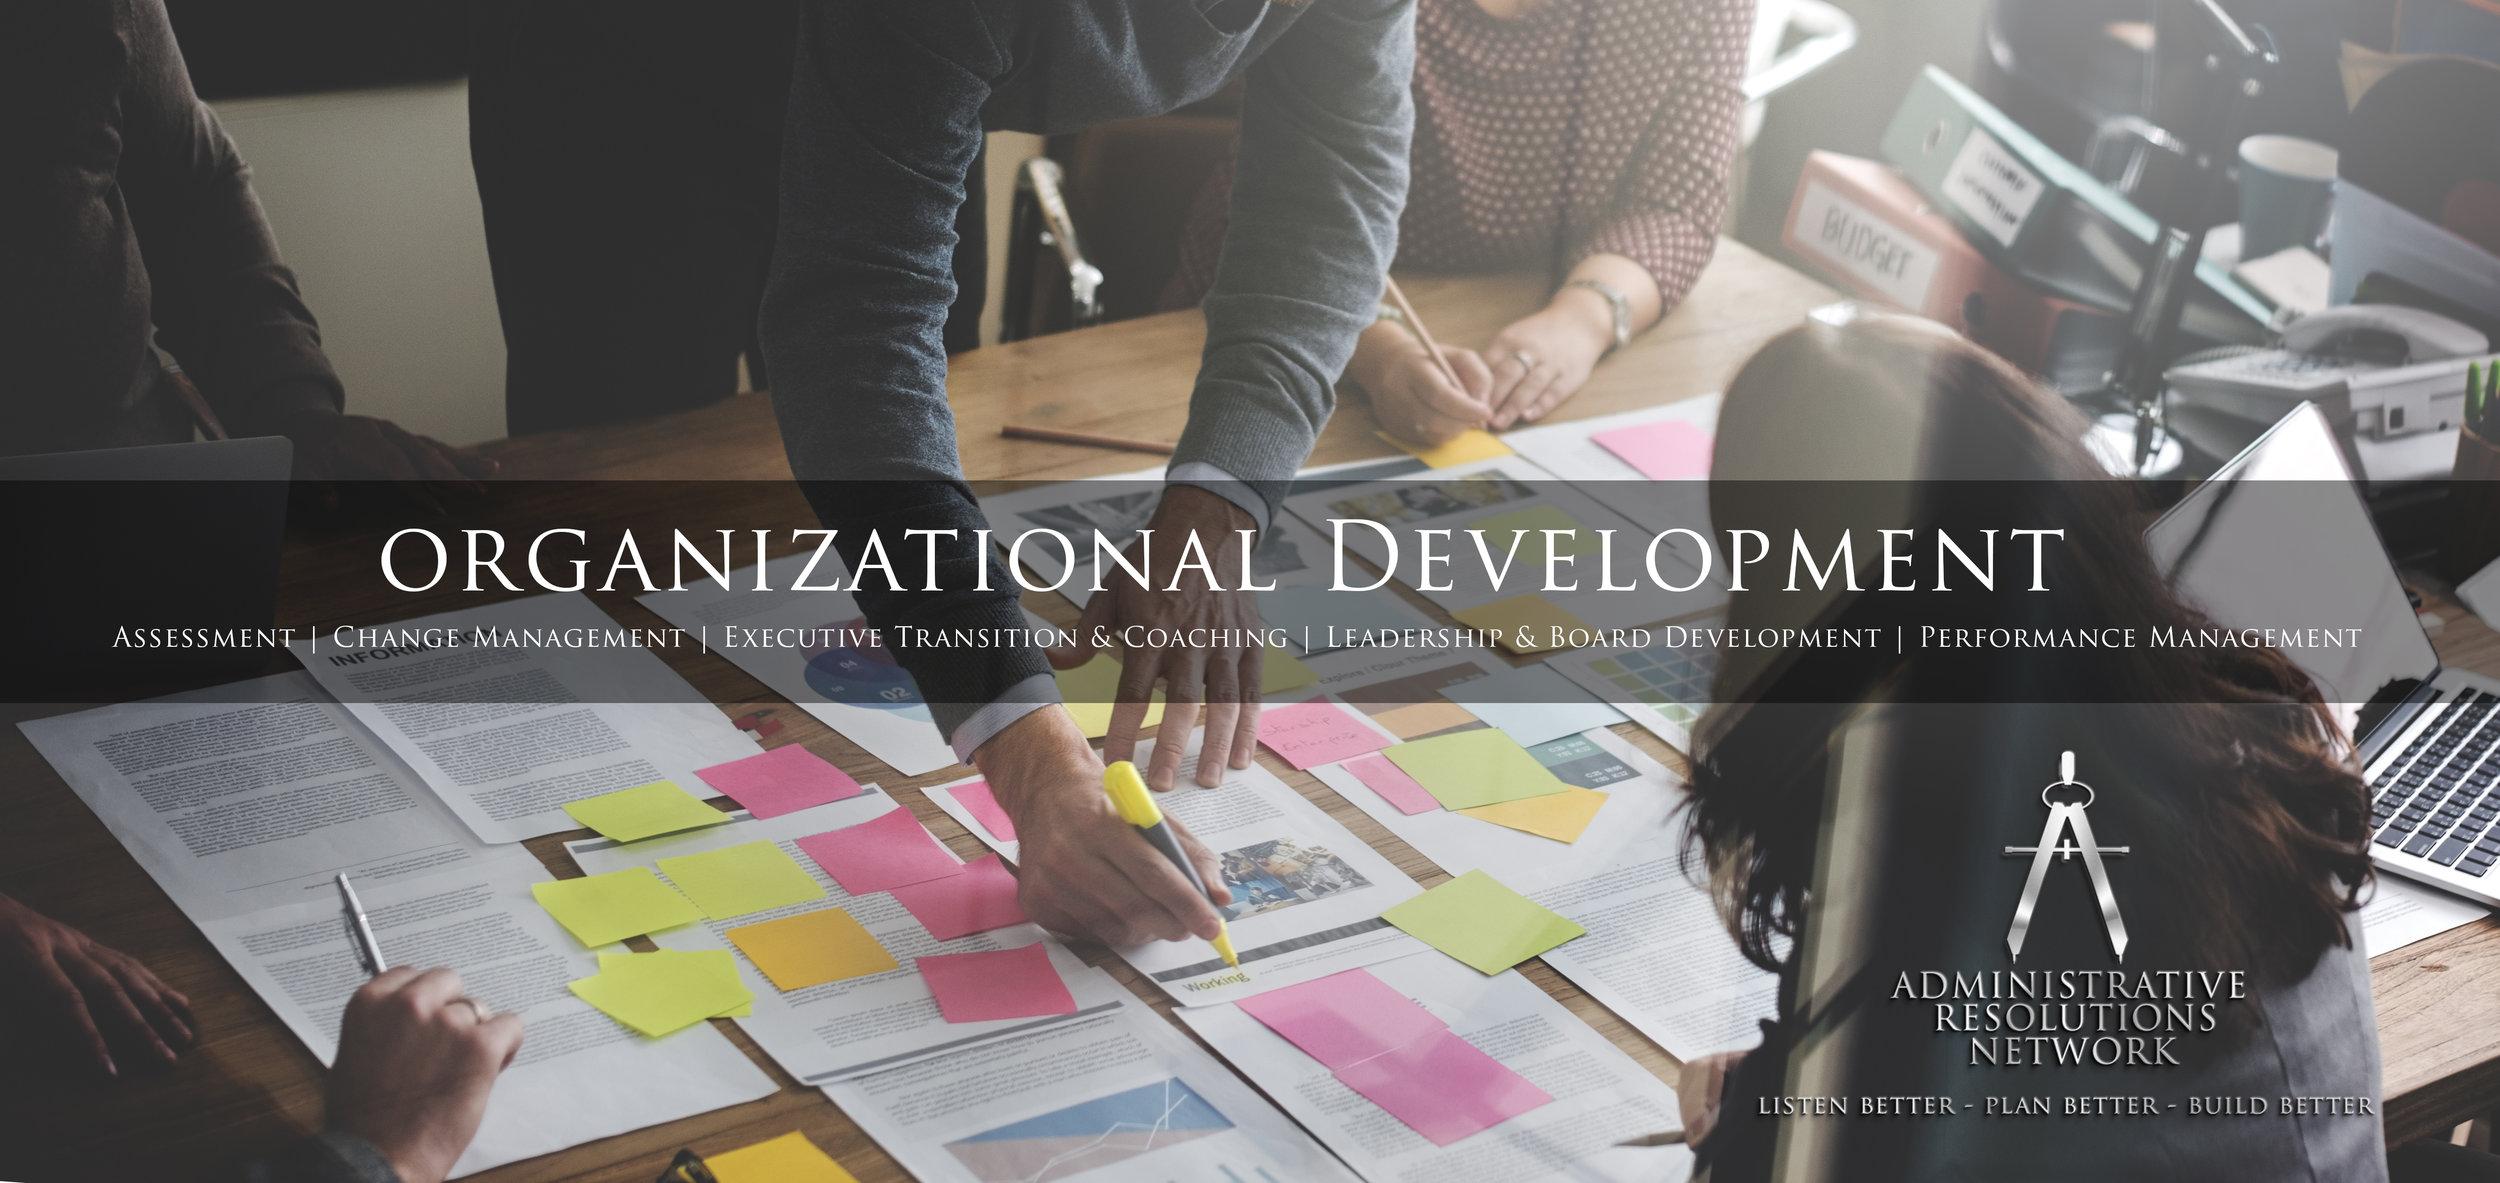 Organizational+Development.jpg